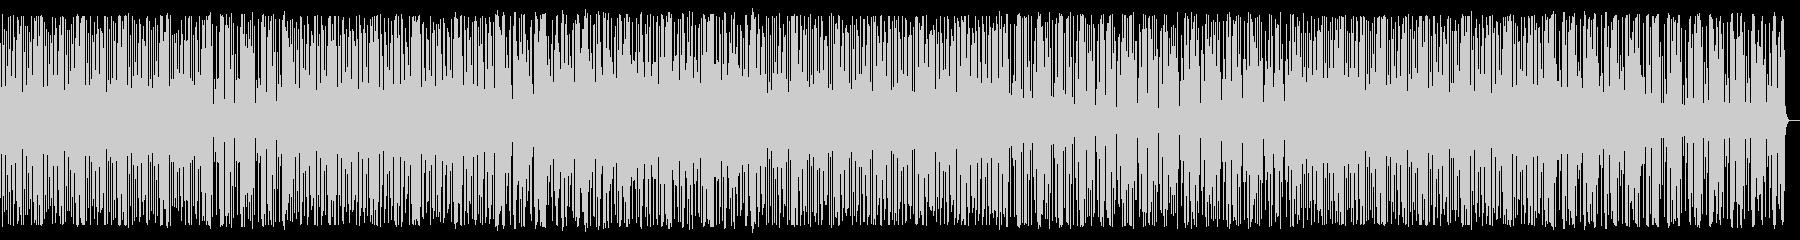 陽気なアシッドミニマルEDMの未再生の波形